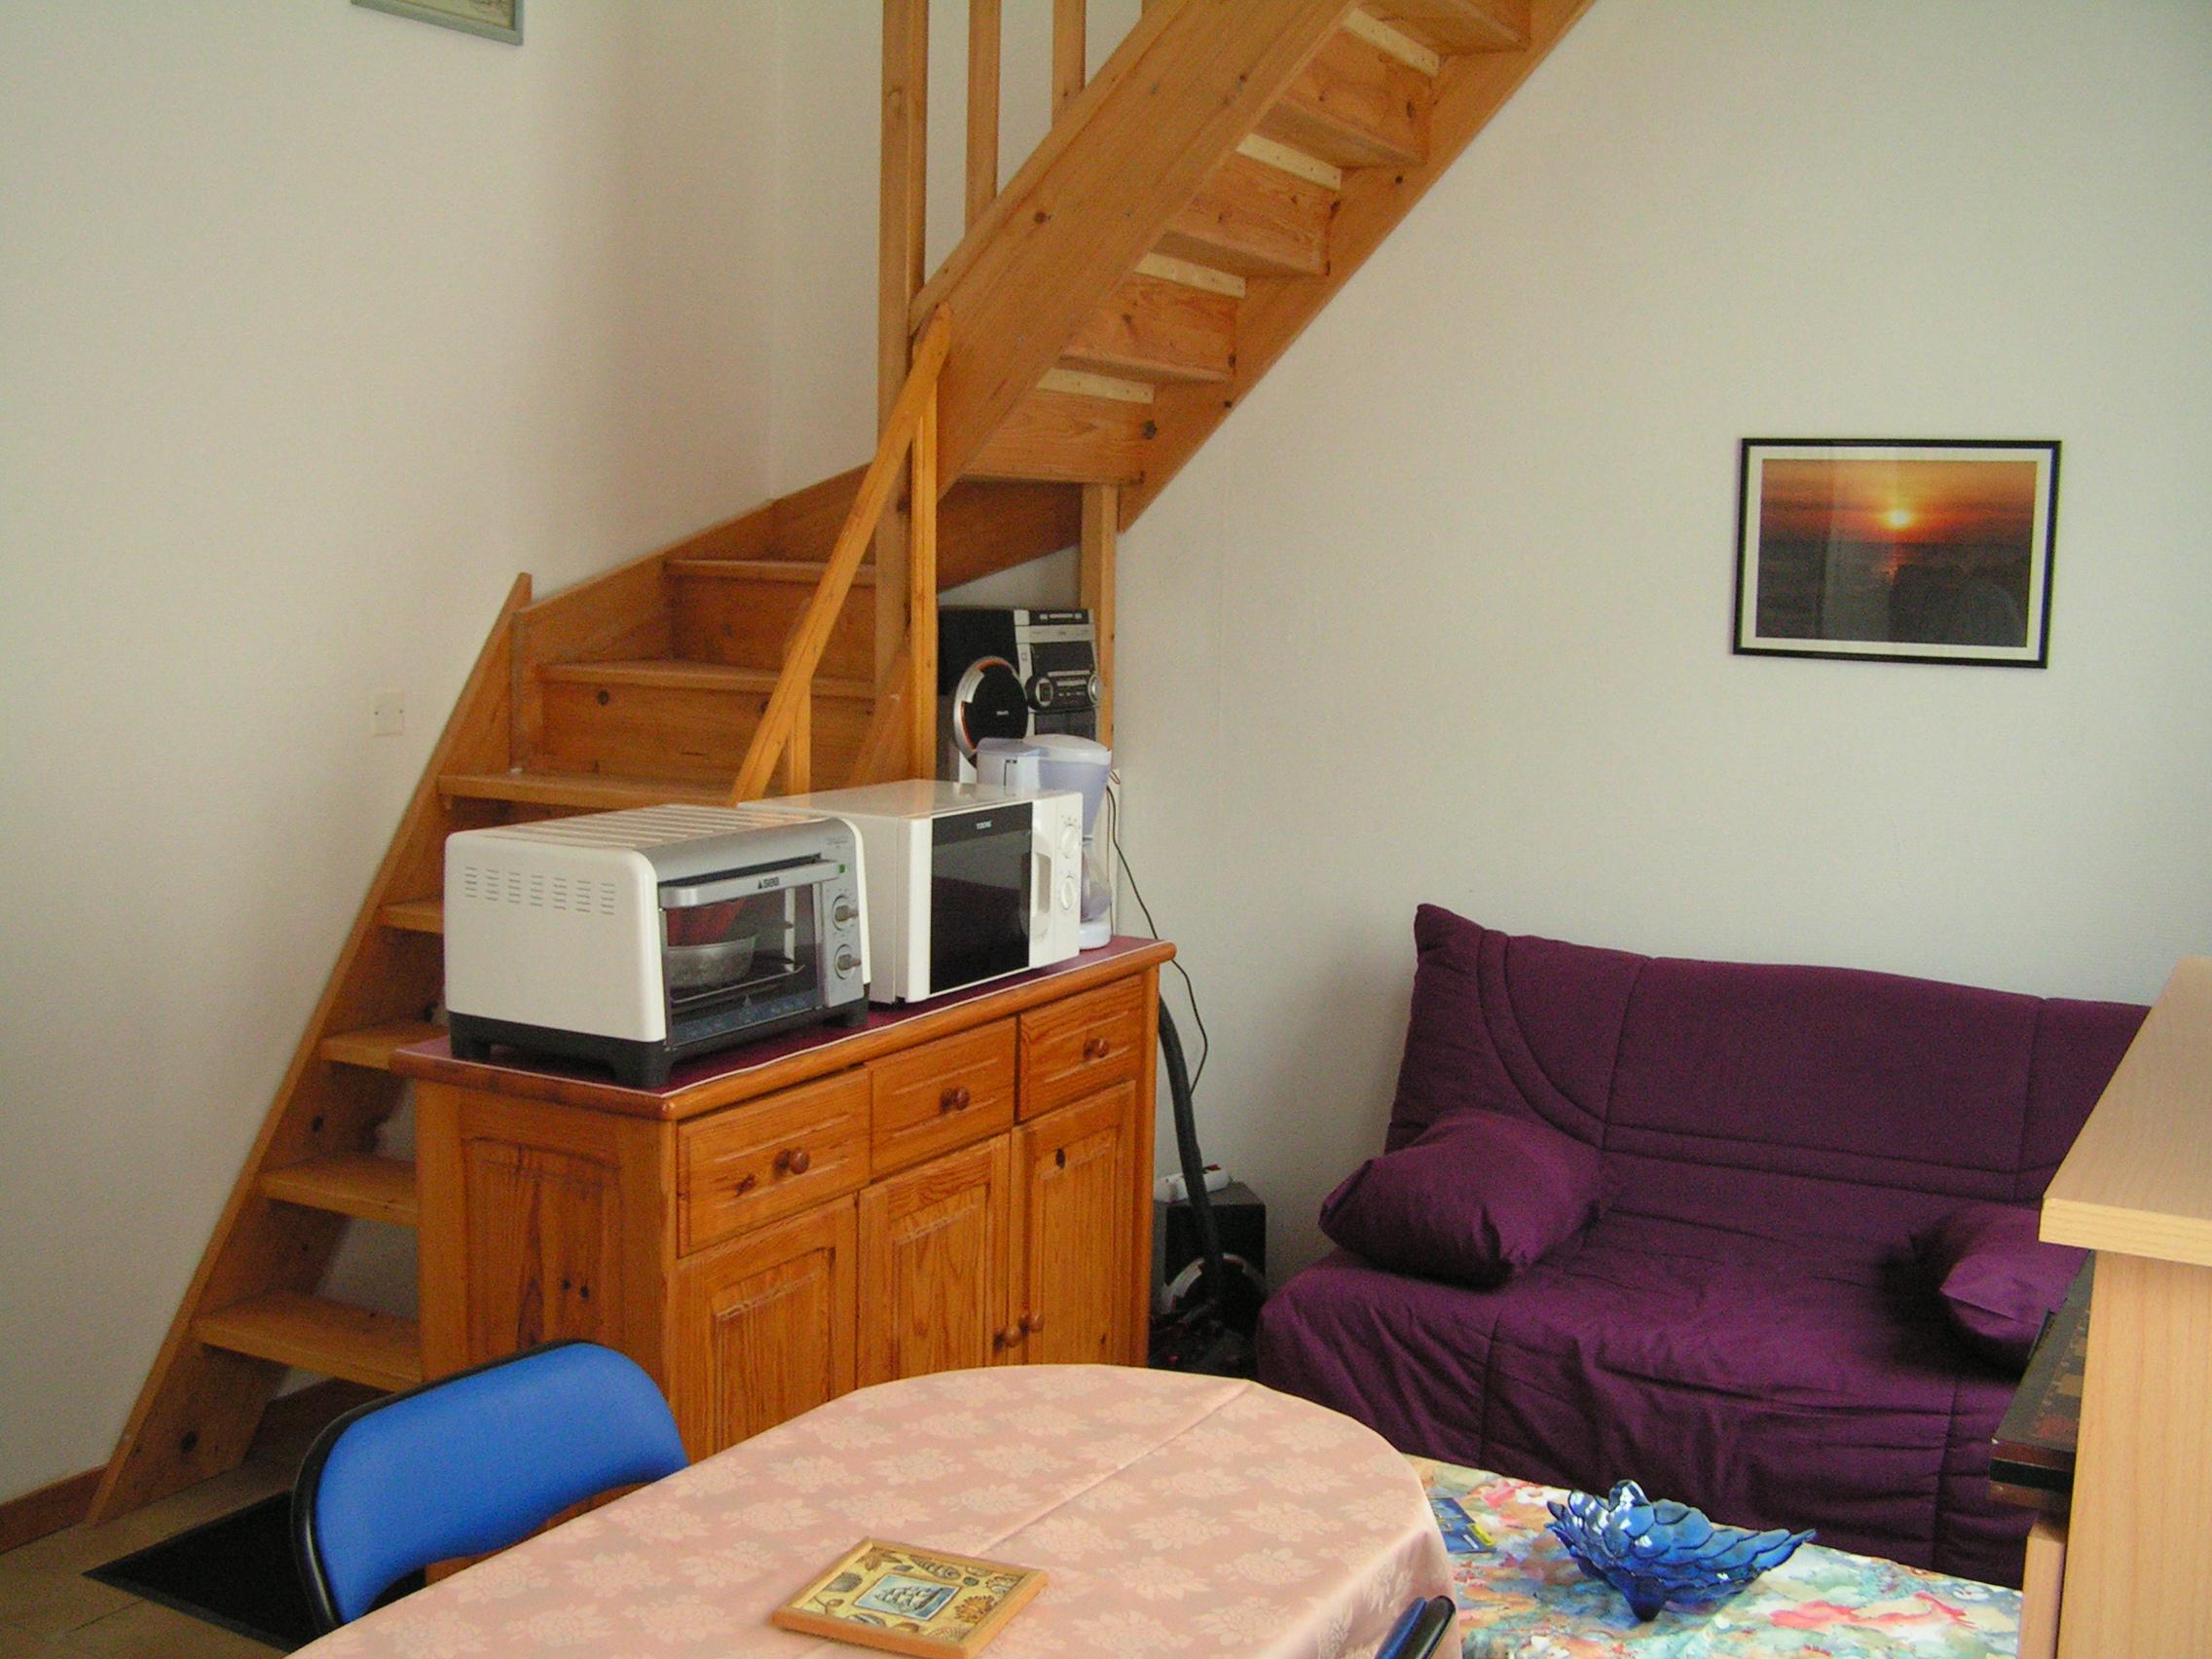 Saujon 17 thermes location studio meuble 30 m2 location de meubl s de tourisme saujon - Location studio meuble antibes ...